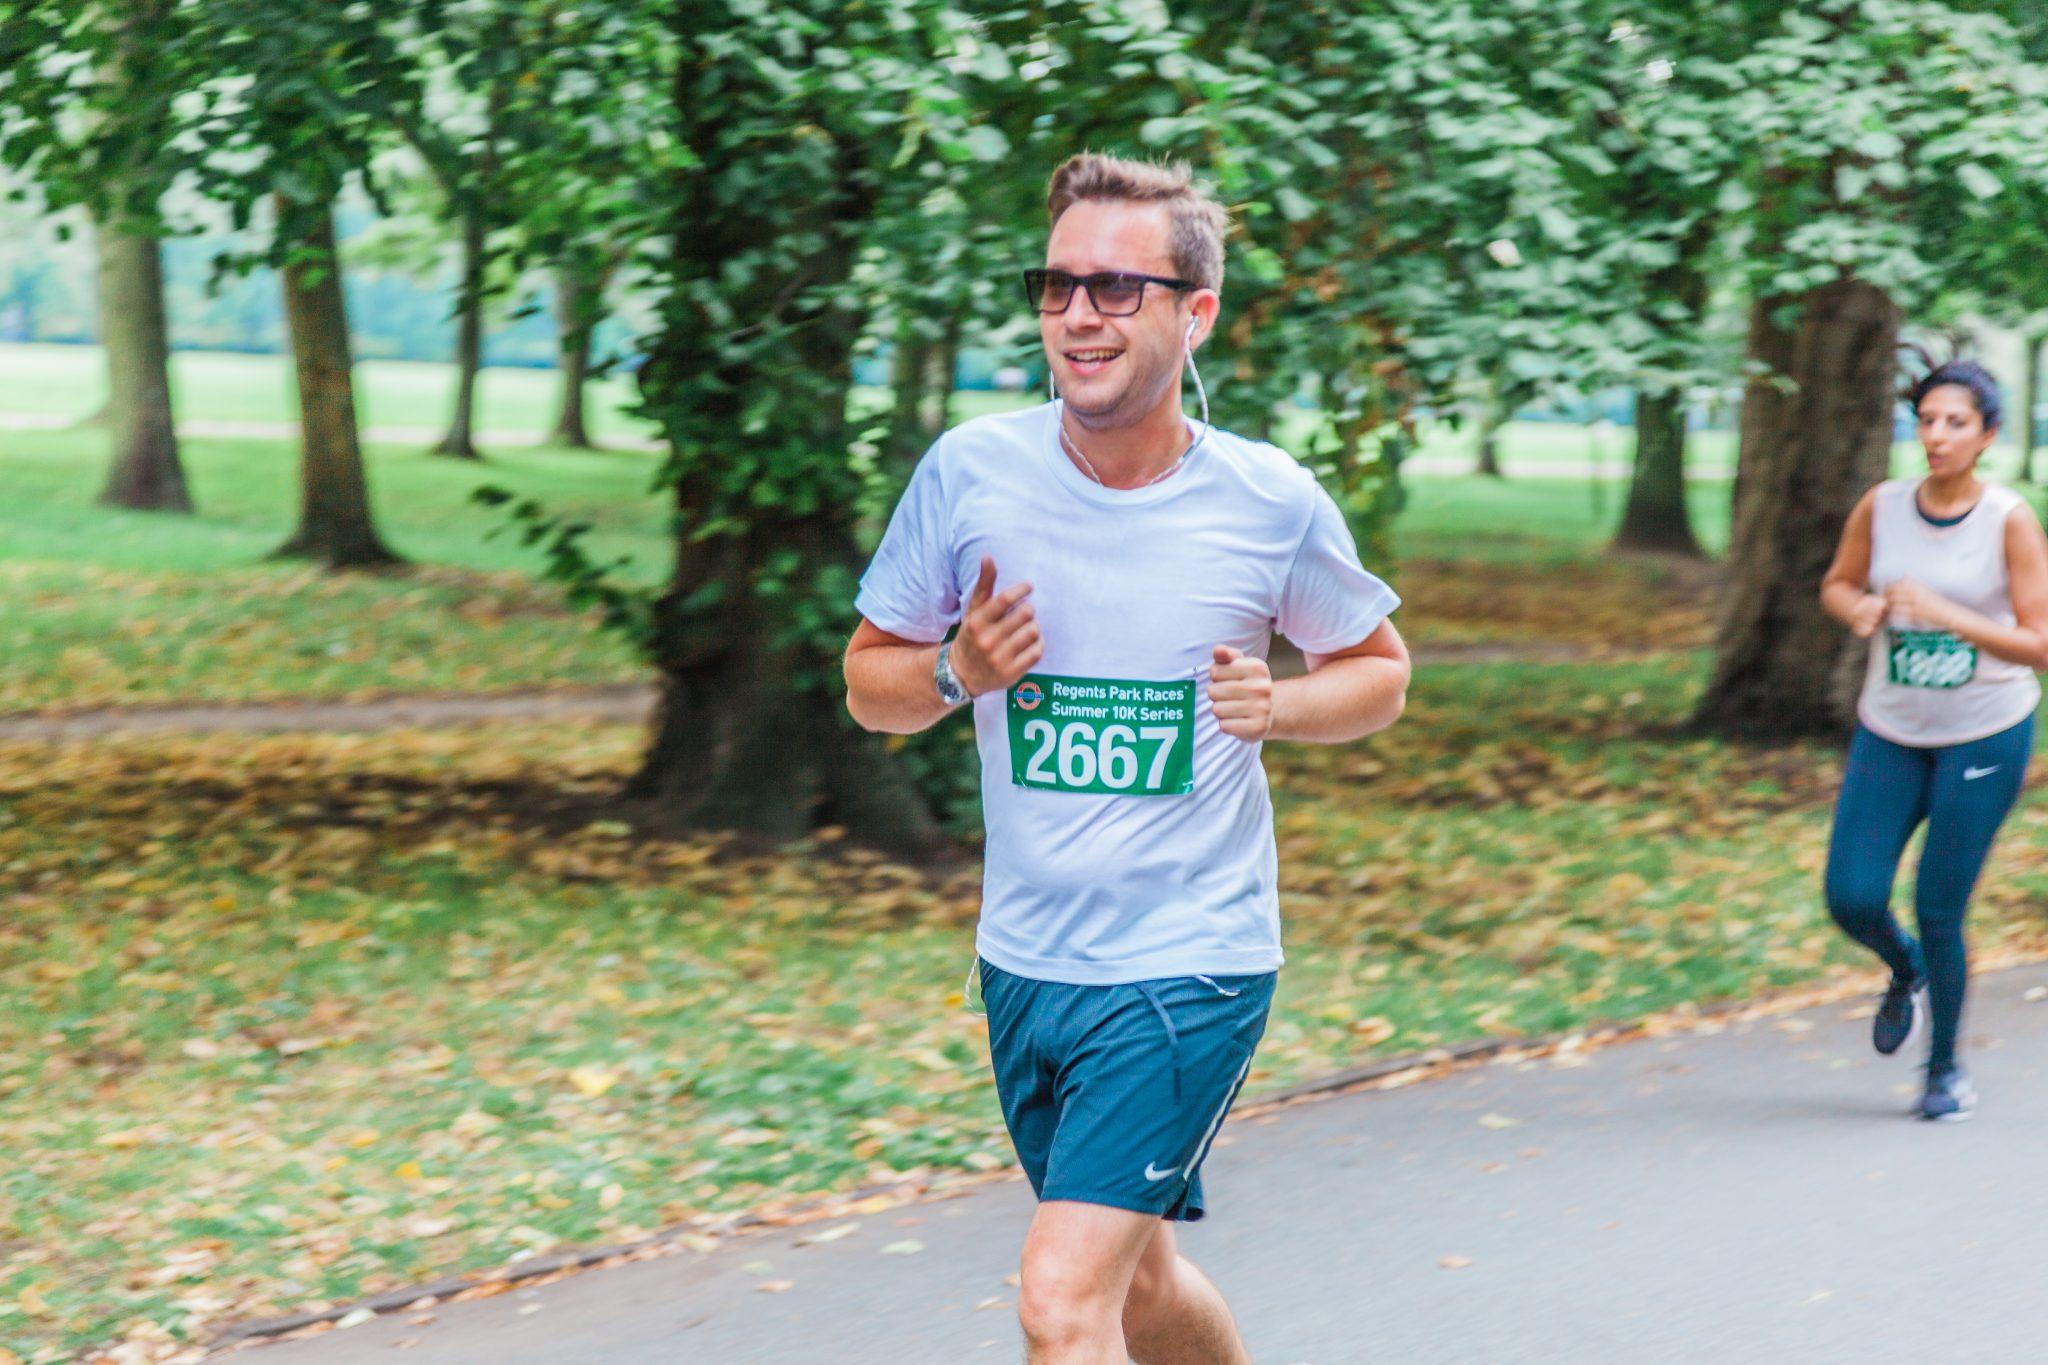 103 Regents Park Races 03.09.17